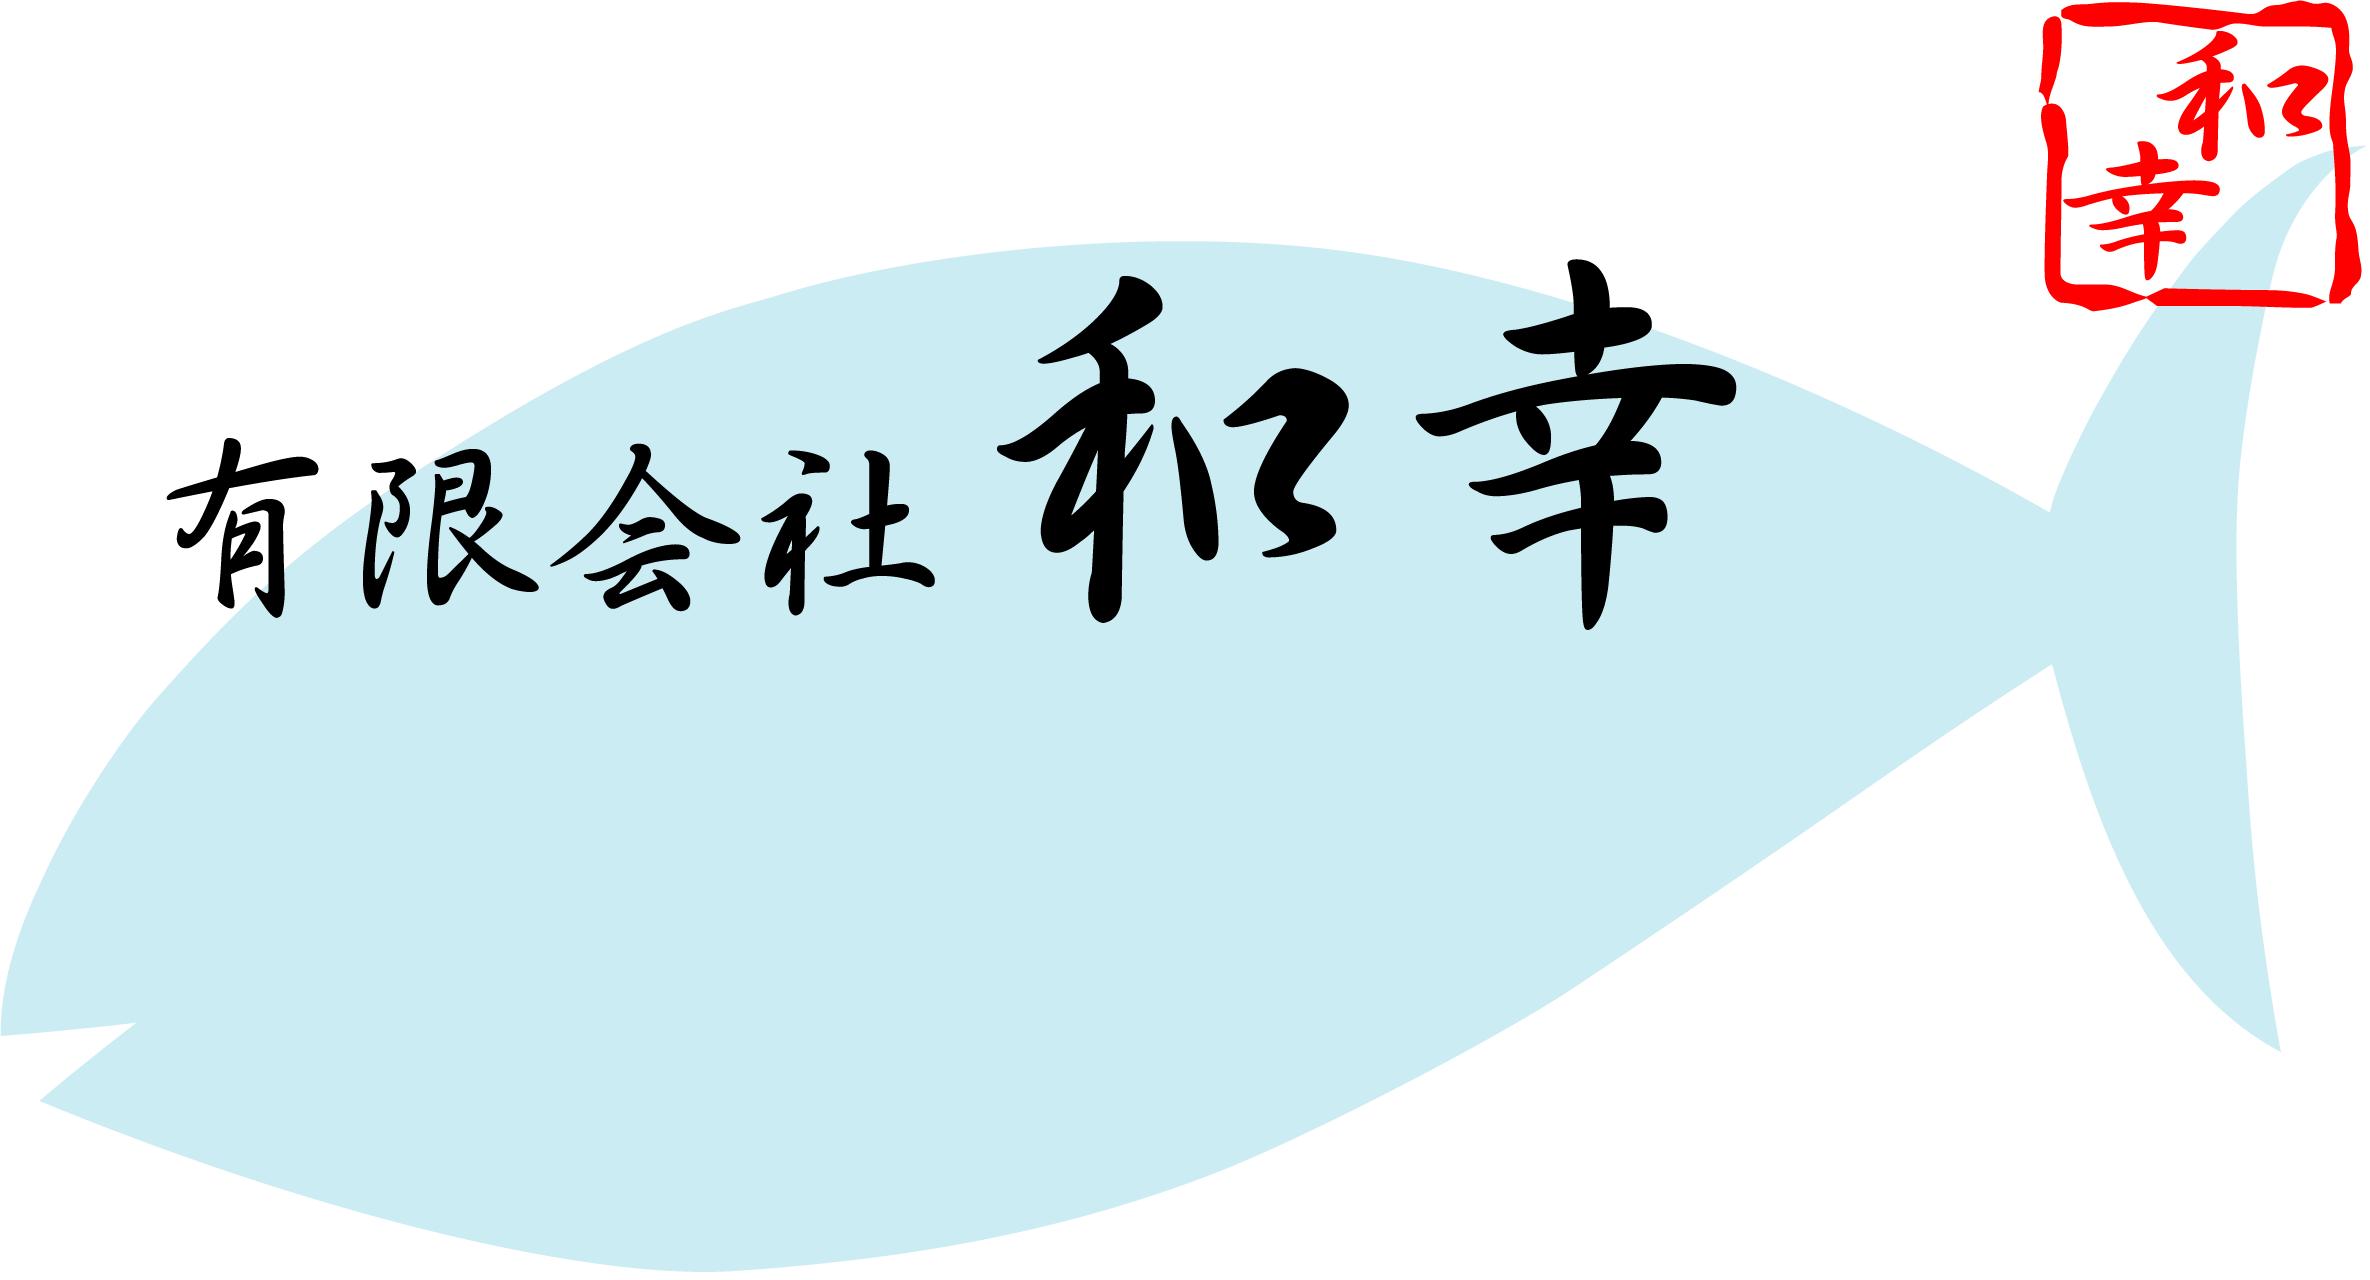 岐阜の清流が育てる淡水魚